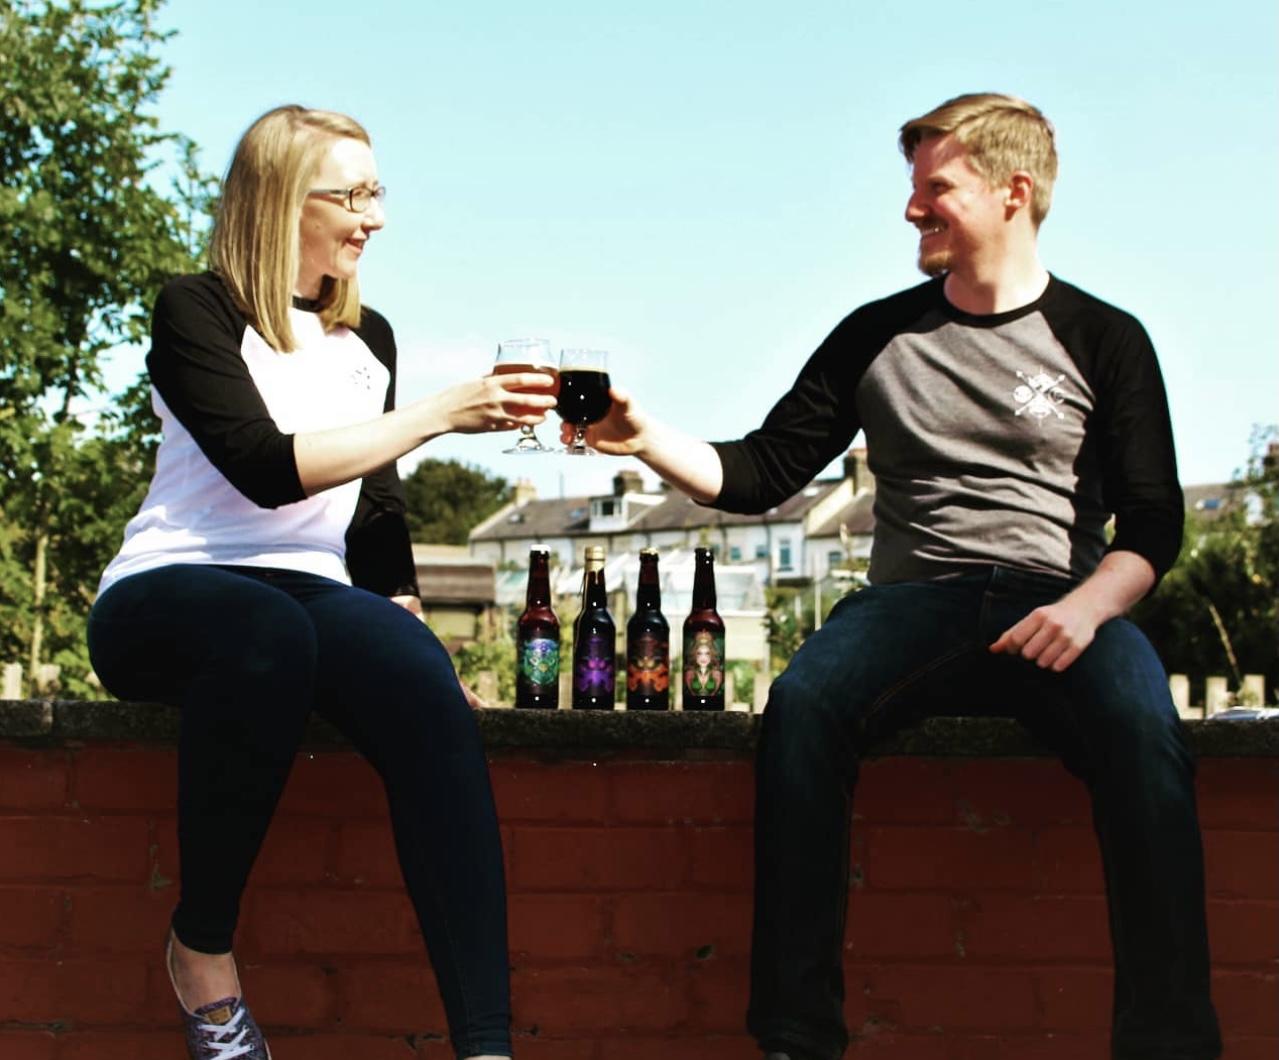 Jordan and Jack - Tartarus Beers